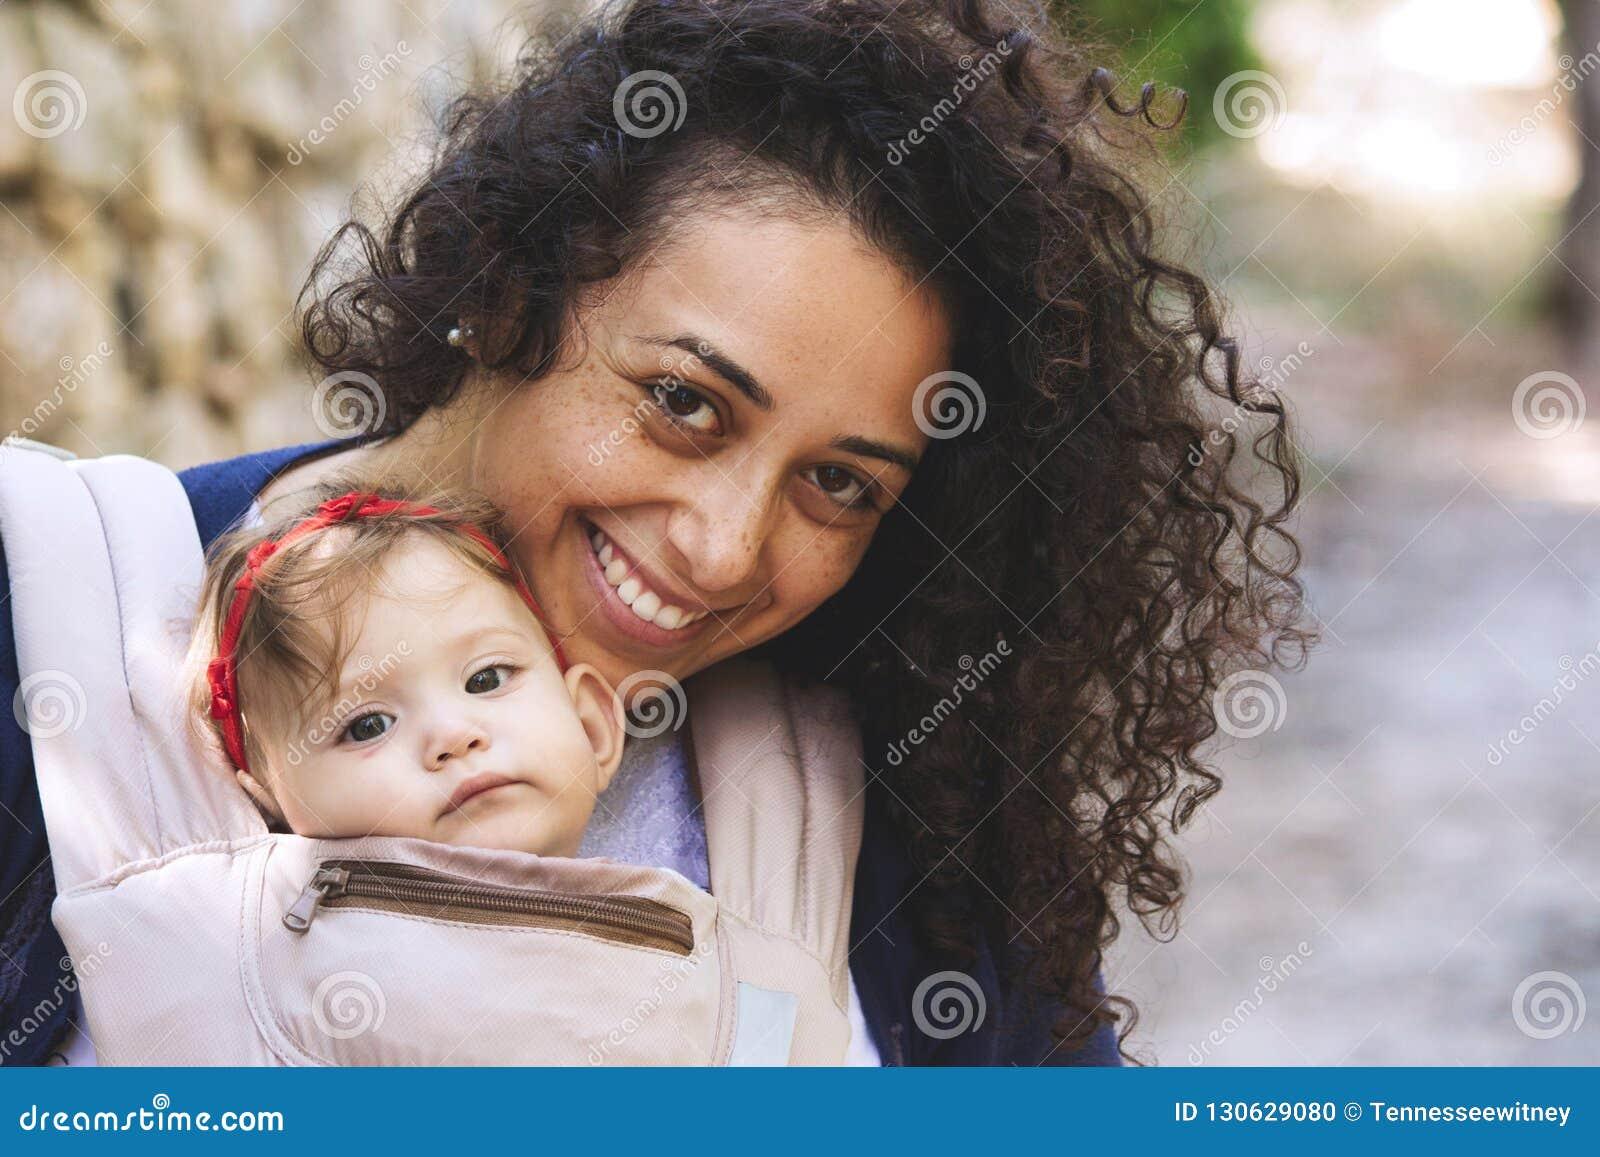 Nahaufnahmeporträt einer jungen attraktiven Mutter, die ein Baby in einer Riemenfördermaschine trägt